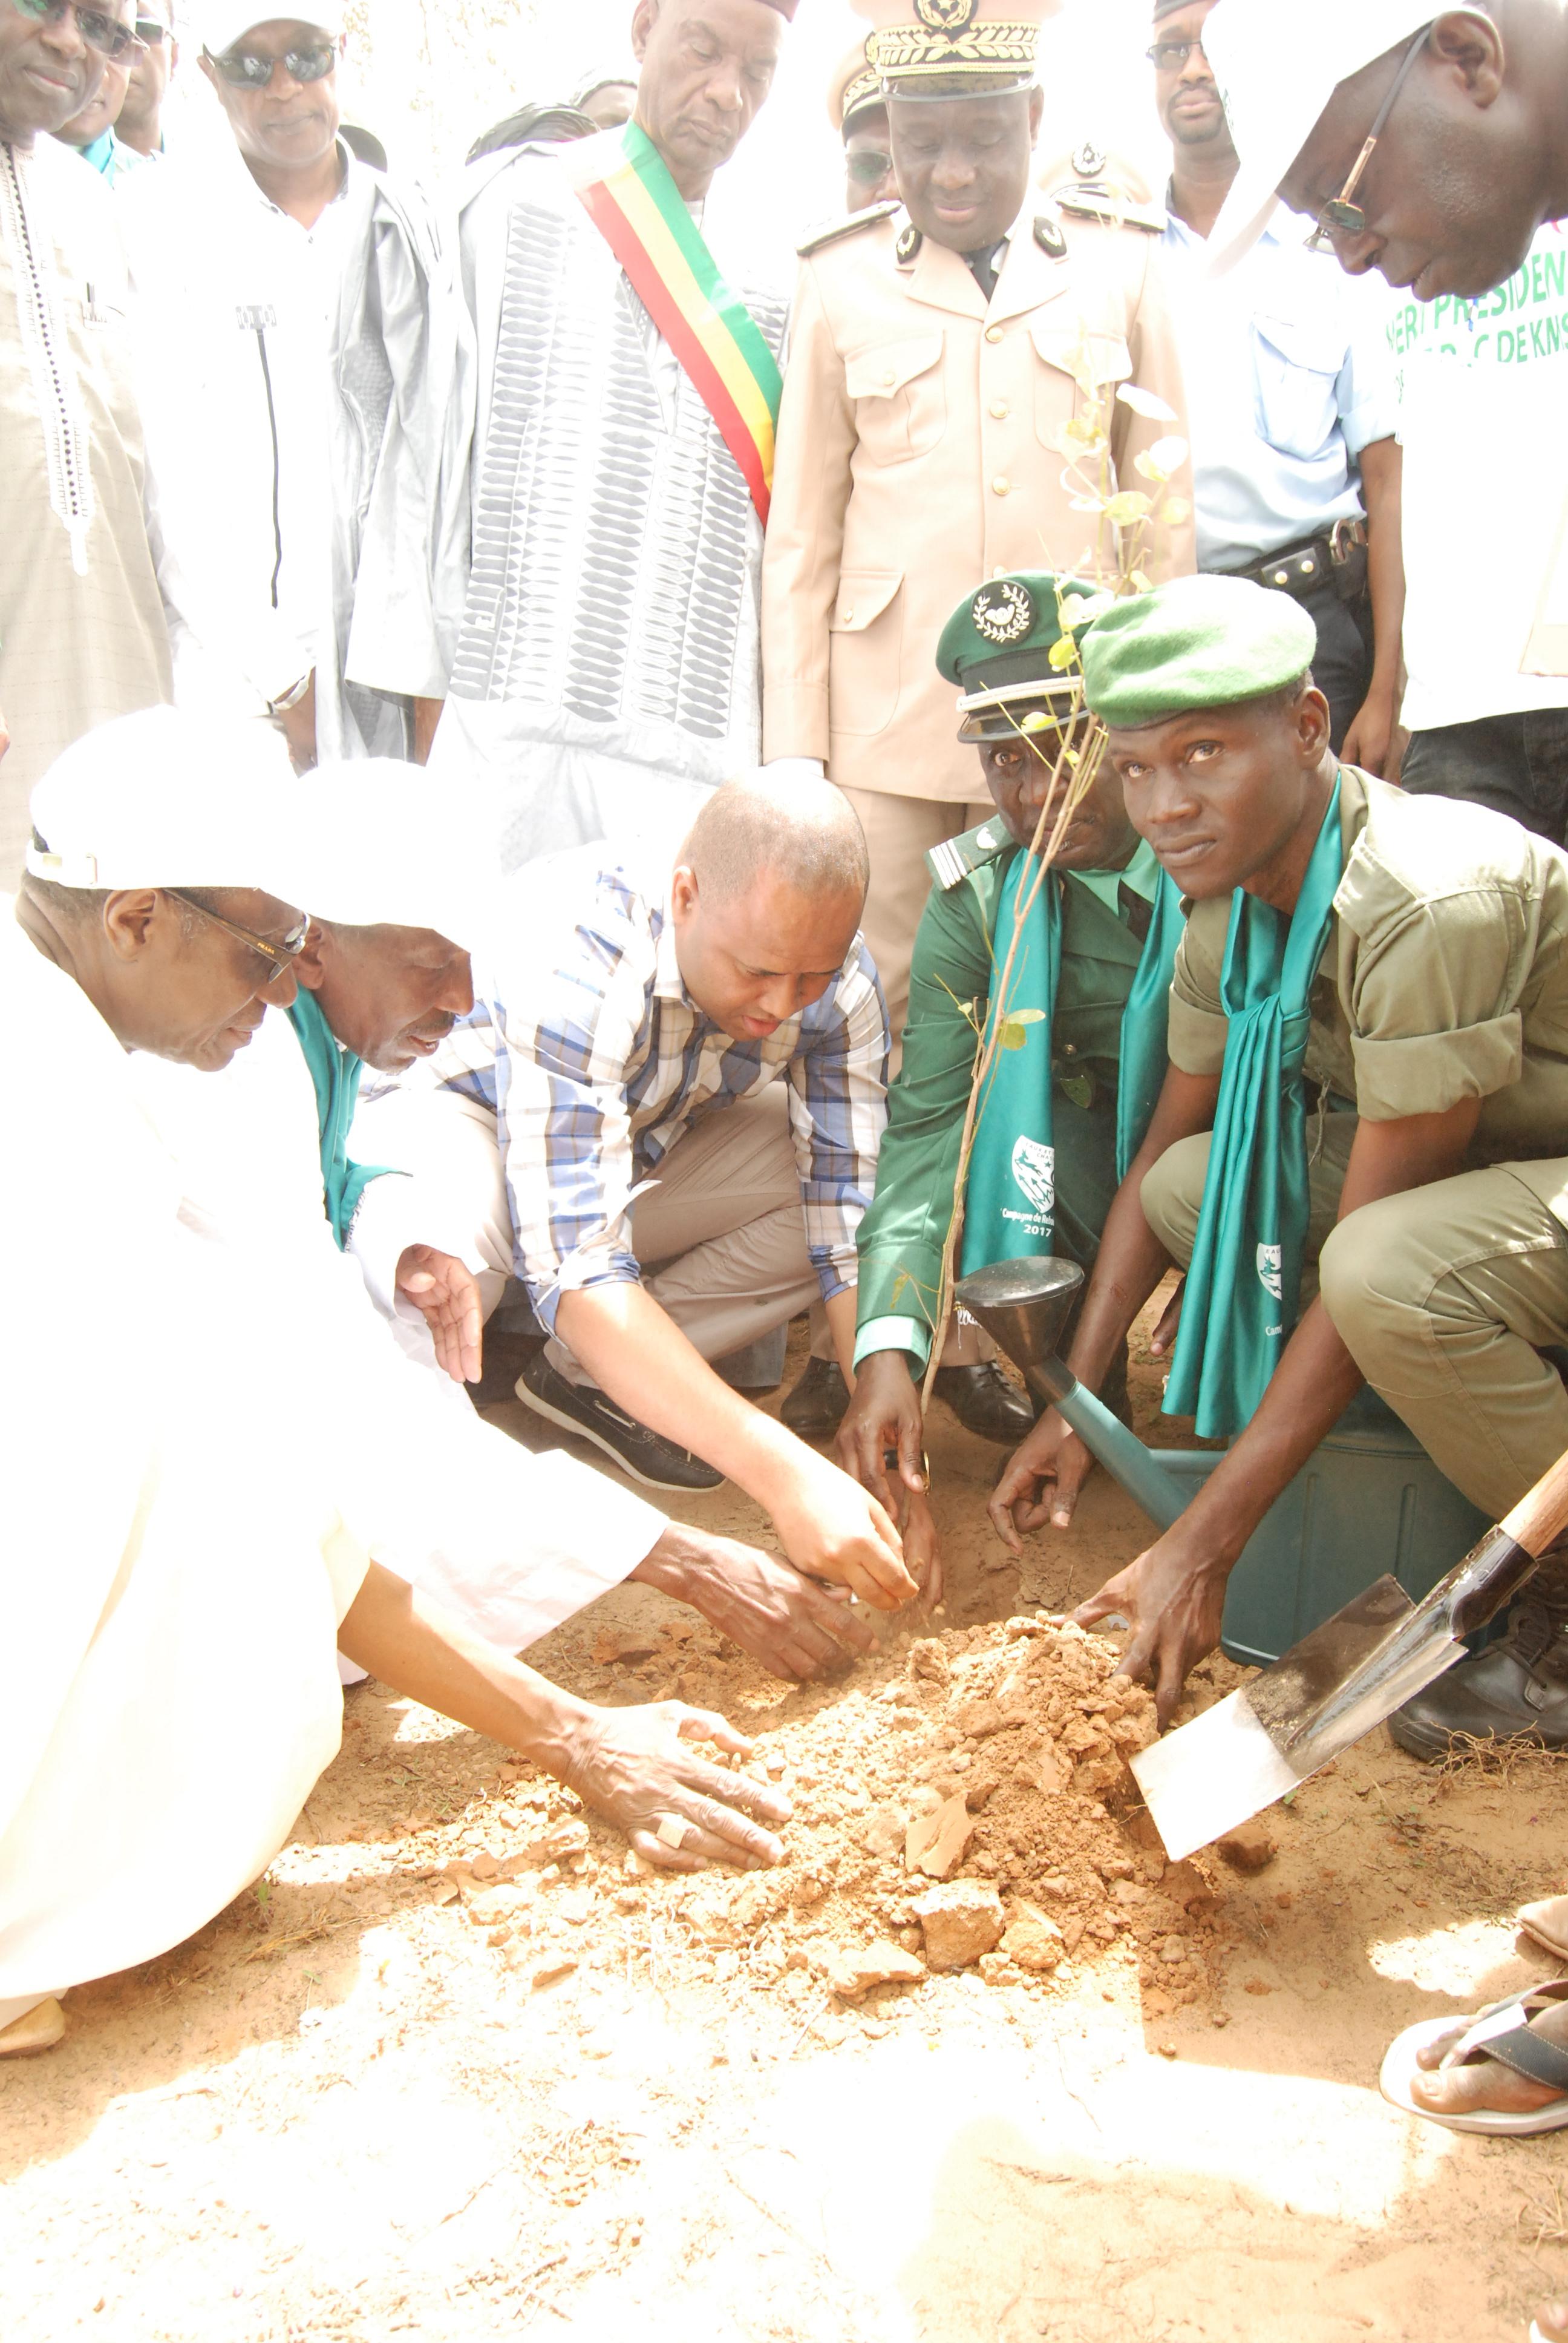 Journée de l'arbre : Le ministre de l'environnement invite à un effort collectif pour éradiquer ce fléau